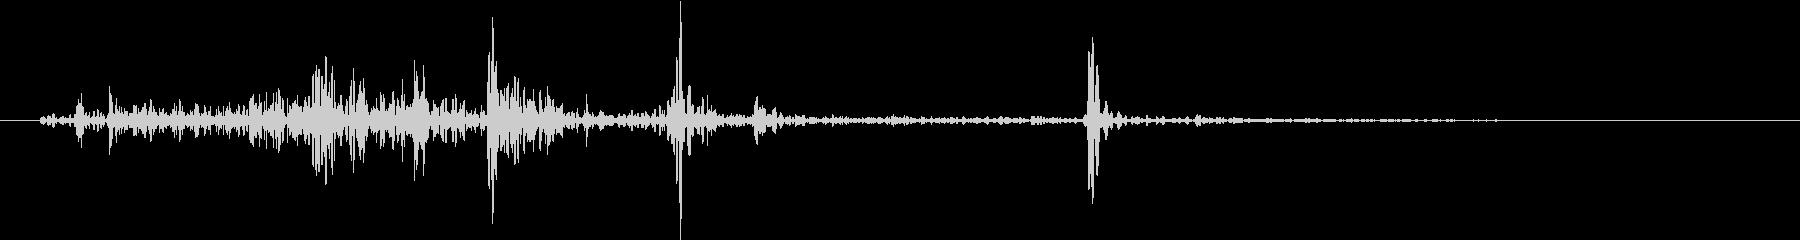 【生録音】ゴミを踏む音 1 紙屑の未再生の波形